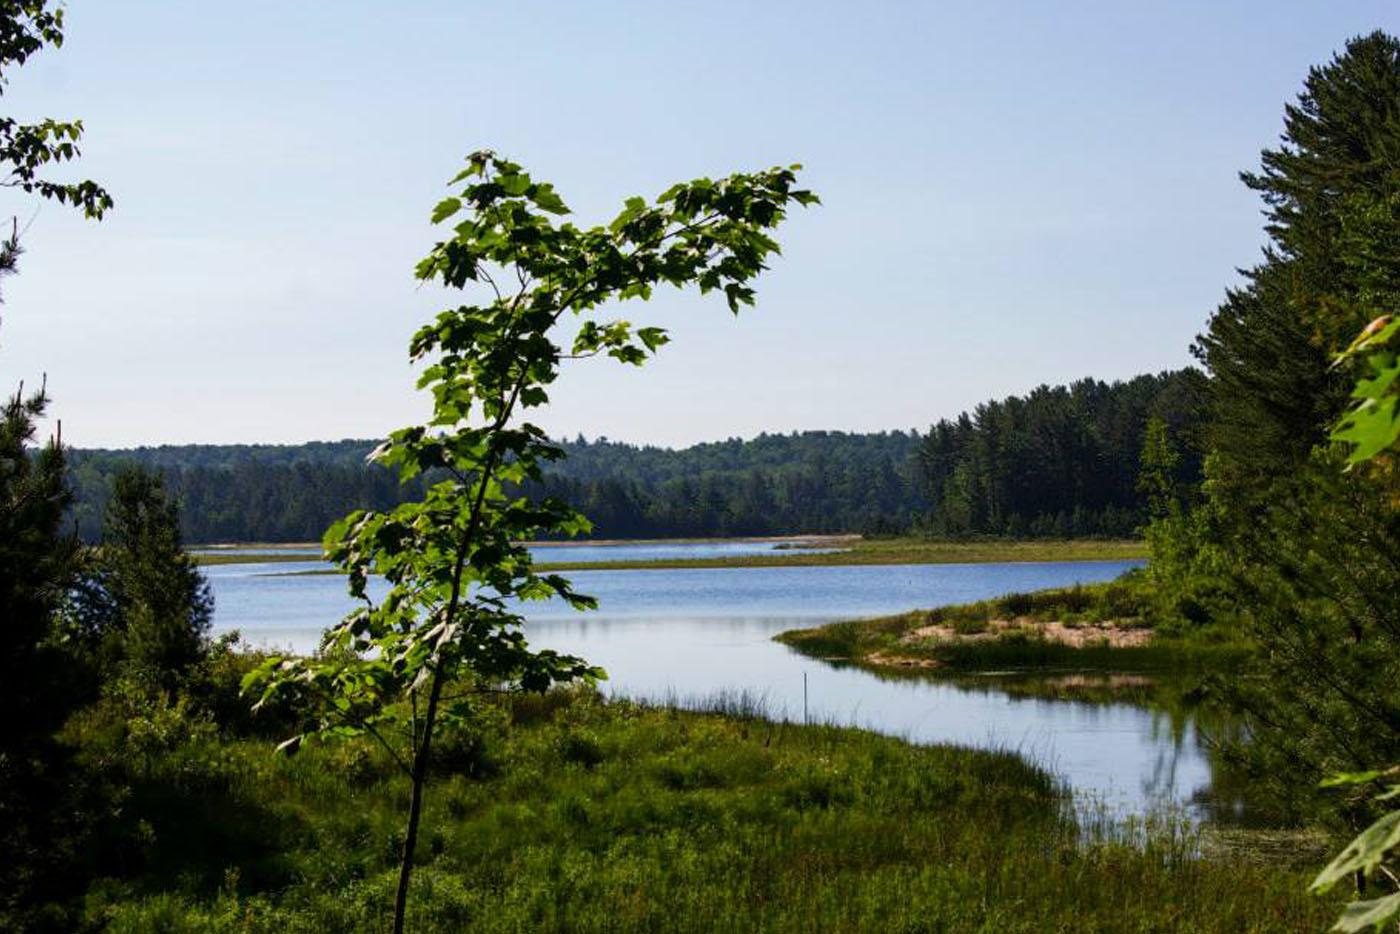 Kingston Lake